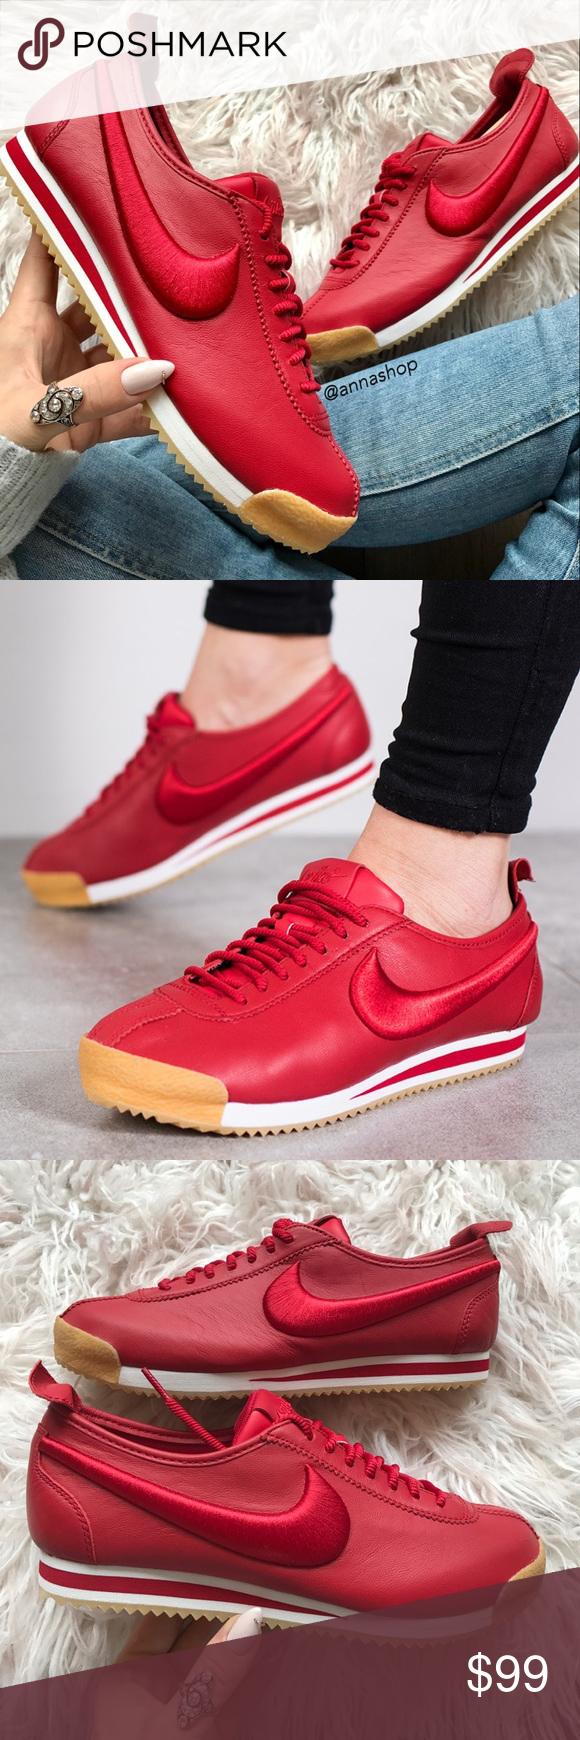 Nwt Cuero Nike Cortez Si El Cuero Nwt Rojo  39c63d